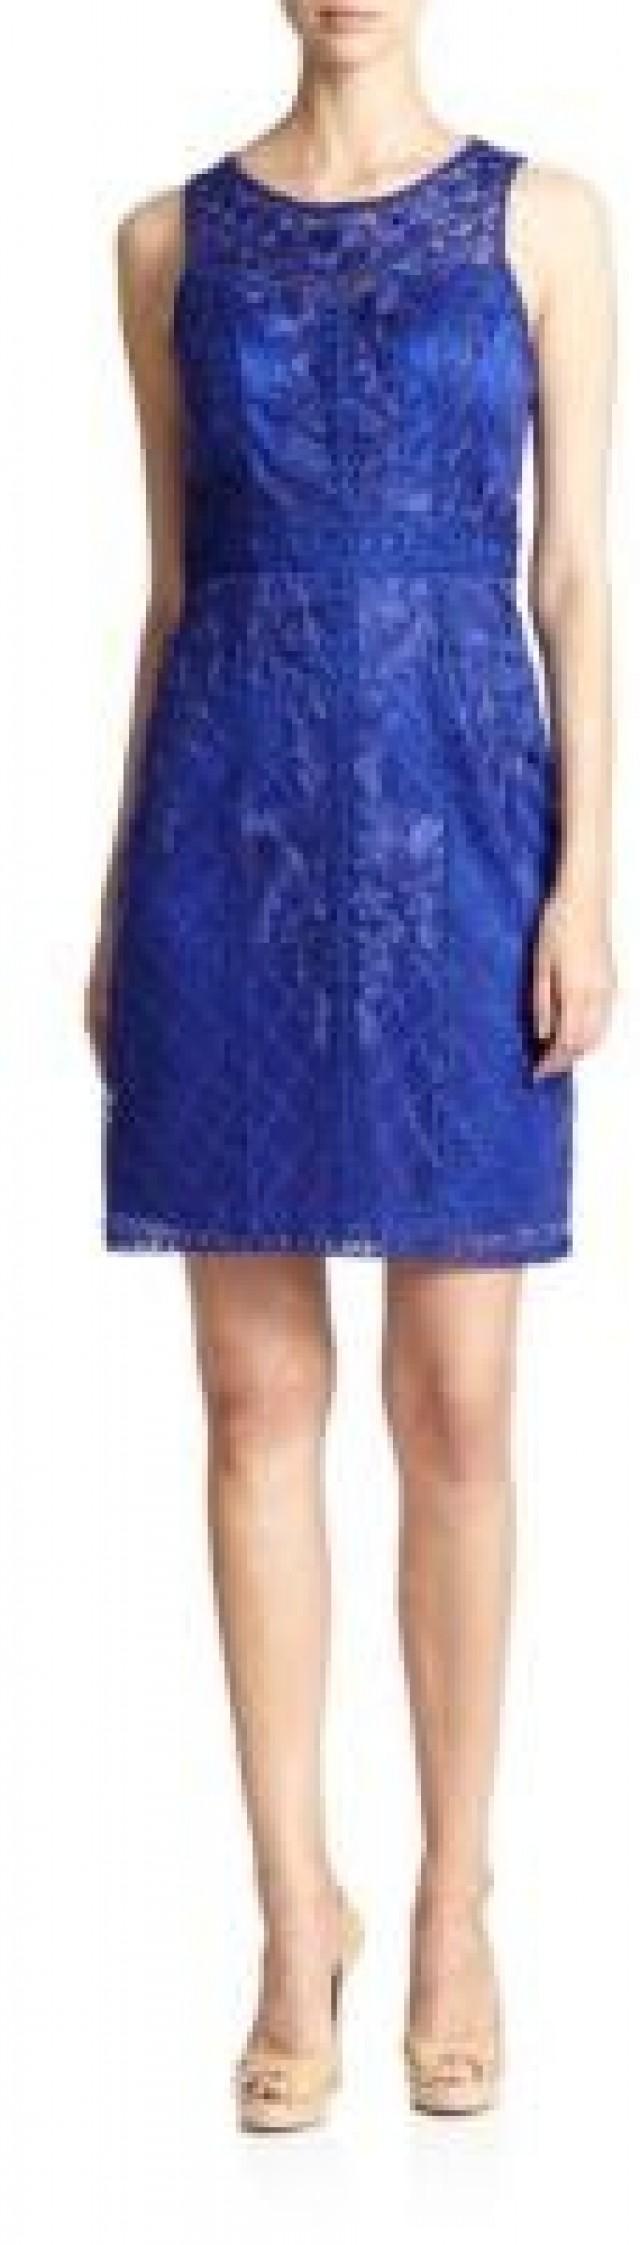 Sue wong soutache lace shift dress 2427389 weddbook for Sue wong robes de mariage